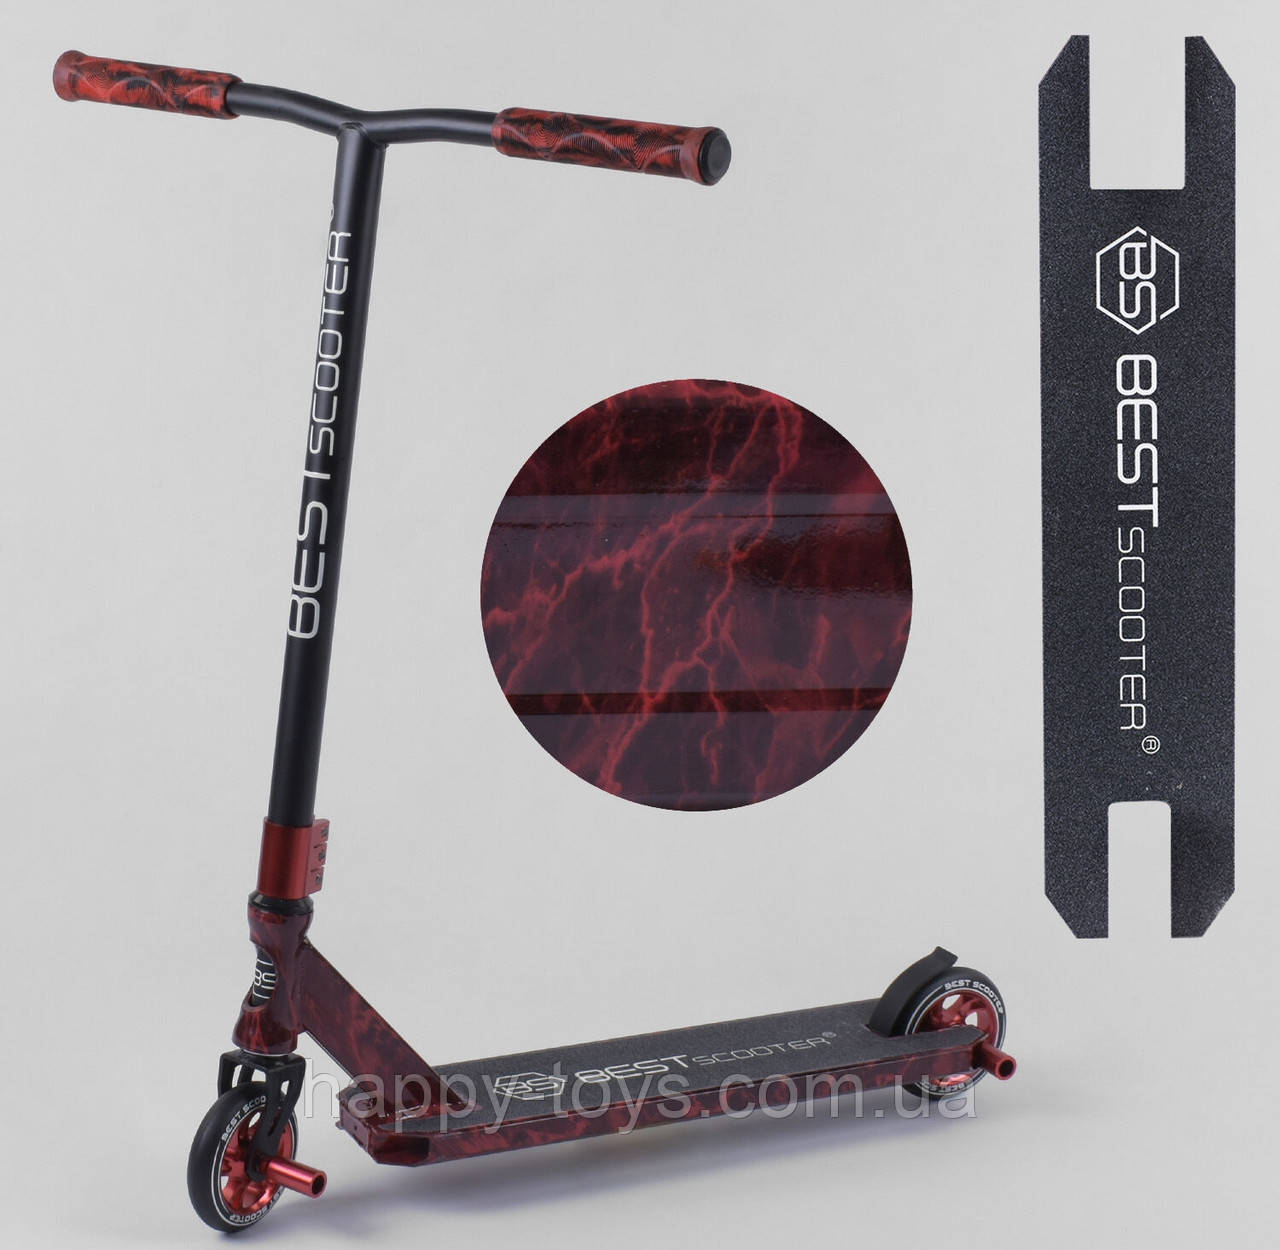 Самокат трюковый с Пегами Красный с Принтом Best Scooter 20001, HIC-система, алюминиевый диск, колёса PU 11 см